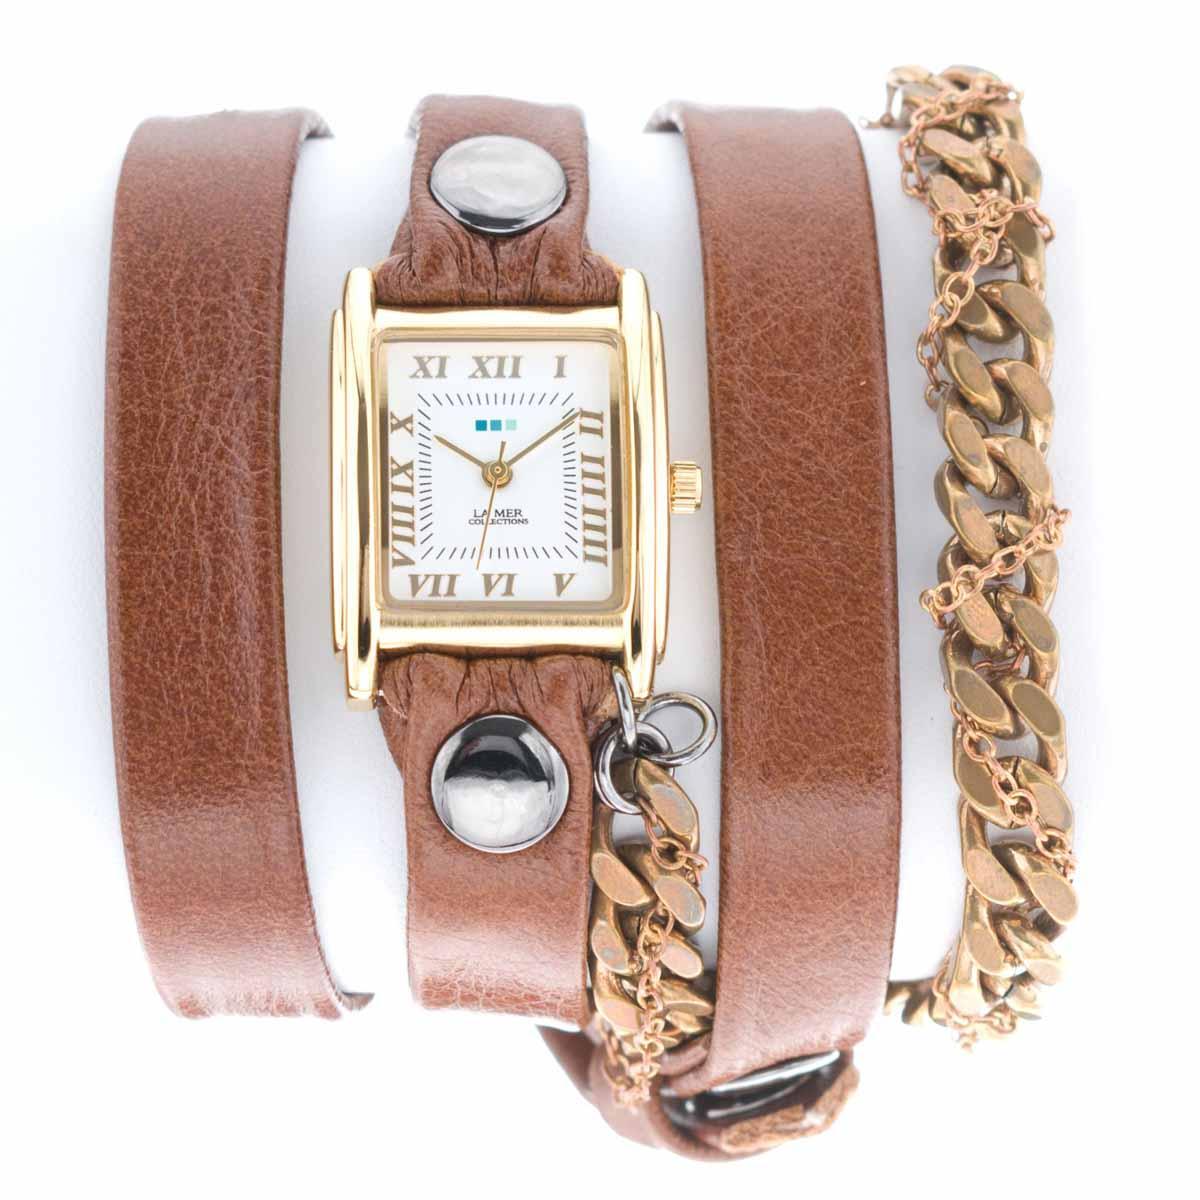 Часы наручные женские La Mer Collections Chain Moscow Braided Brown. LMMULTI8008xLMMULTI8008xЧасы оснащены японским кварцевым механизмом. Корпус прямоугольной формы выполнен из нержавеющей стали золотистого цвета. Оригинальный кожаный ремешок коричневого цвета отделан металлическими клепками и дополнен связкой цепочек. Каждая модель женских наручных часов La Mer Collections имеет эксклюзивный дизайн, в основу которого положено необычное сочетание классических циферблатов с удлиненными кожаными ремешками. Оборачиваясь вокруг запястья несколько раз, они образуют эффект кожаного браслета, превращая часы в женственный аксессуар, который великолепно дополнит другие аксессуары и весь образ в целом. Дизайн La Mer Collections отвечает всем последним тенденциям моды и превосходно сочетается с модными сумками, ремнями, обувью и другими элементами гардероба современных девушек. Часы La Mer - это еще и отличный подарок любимой девушке, сестре или подруге на день рождения, восьмое марта или новый год!